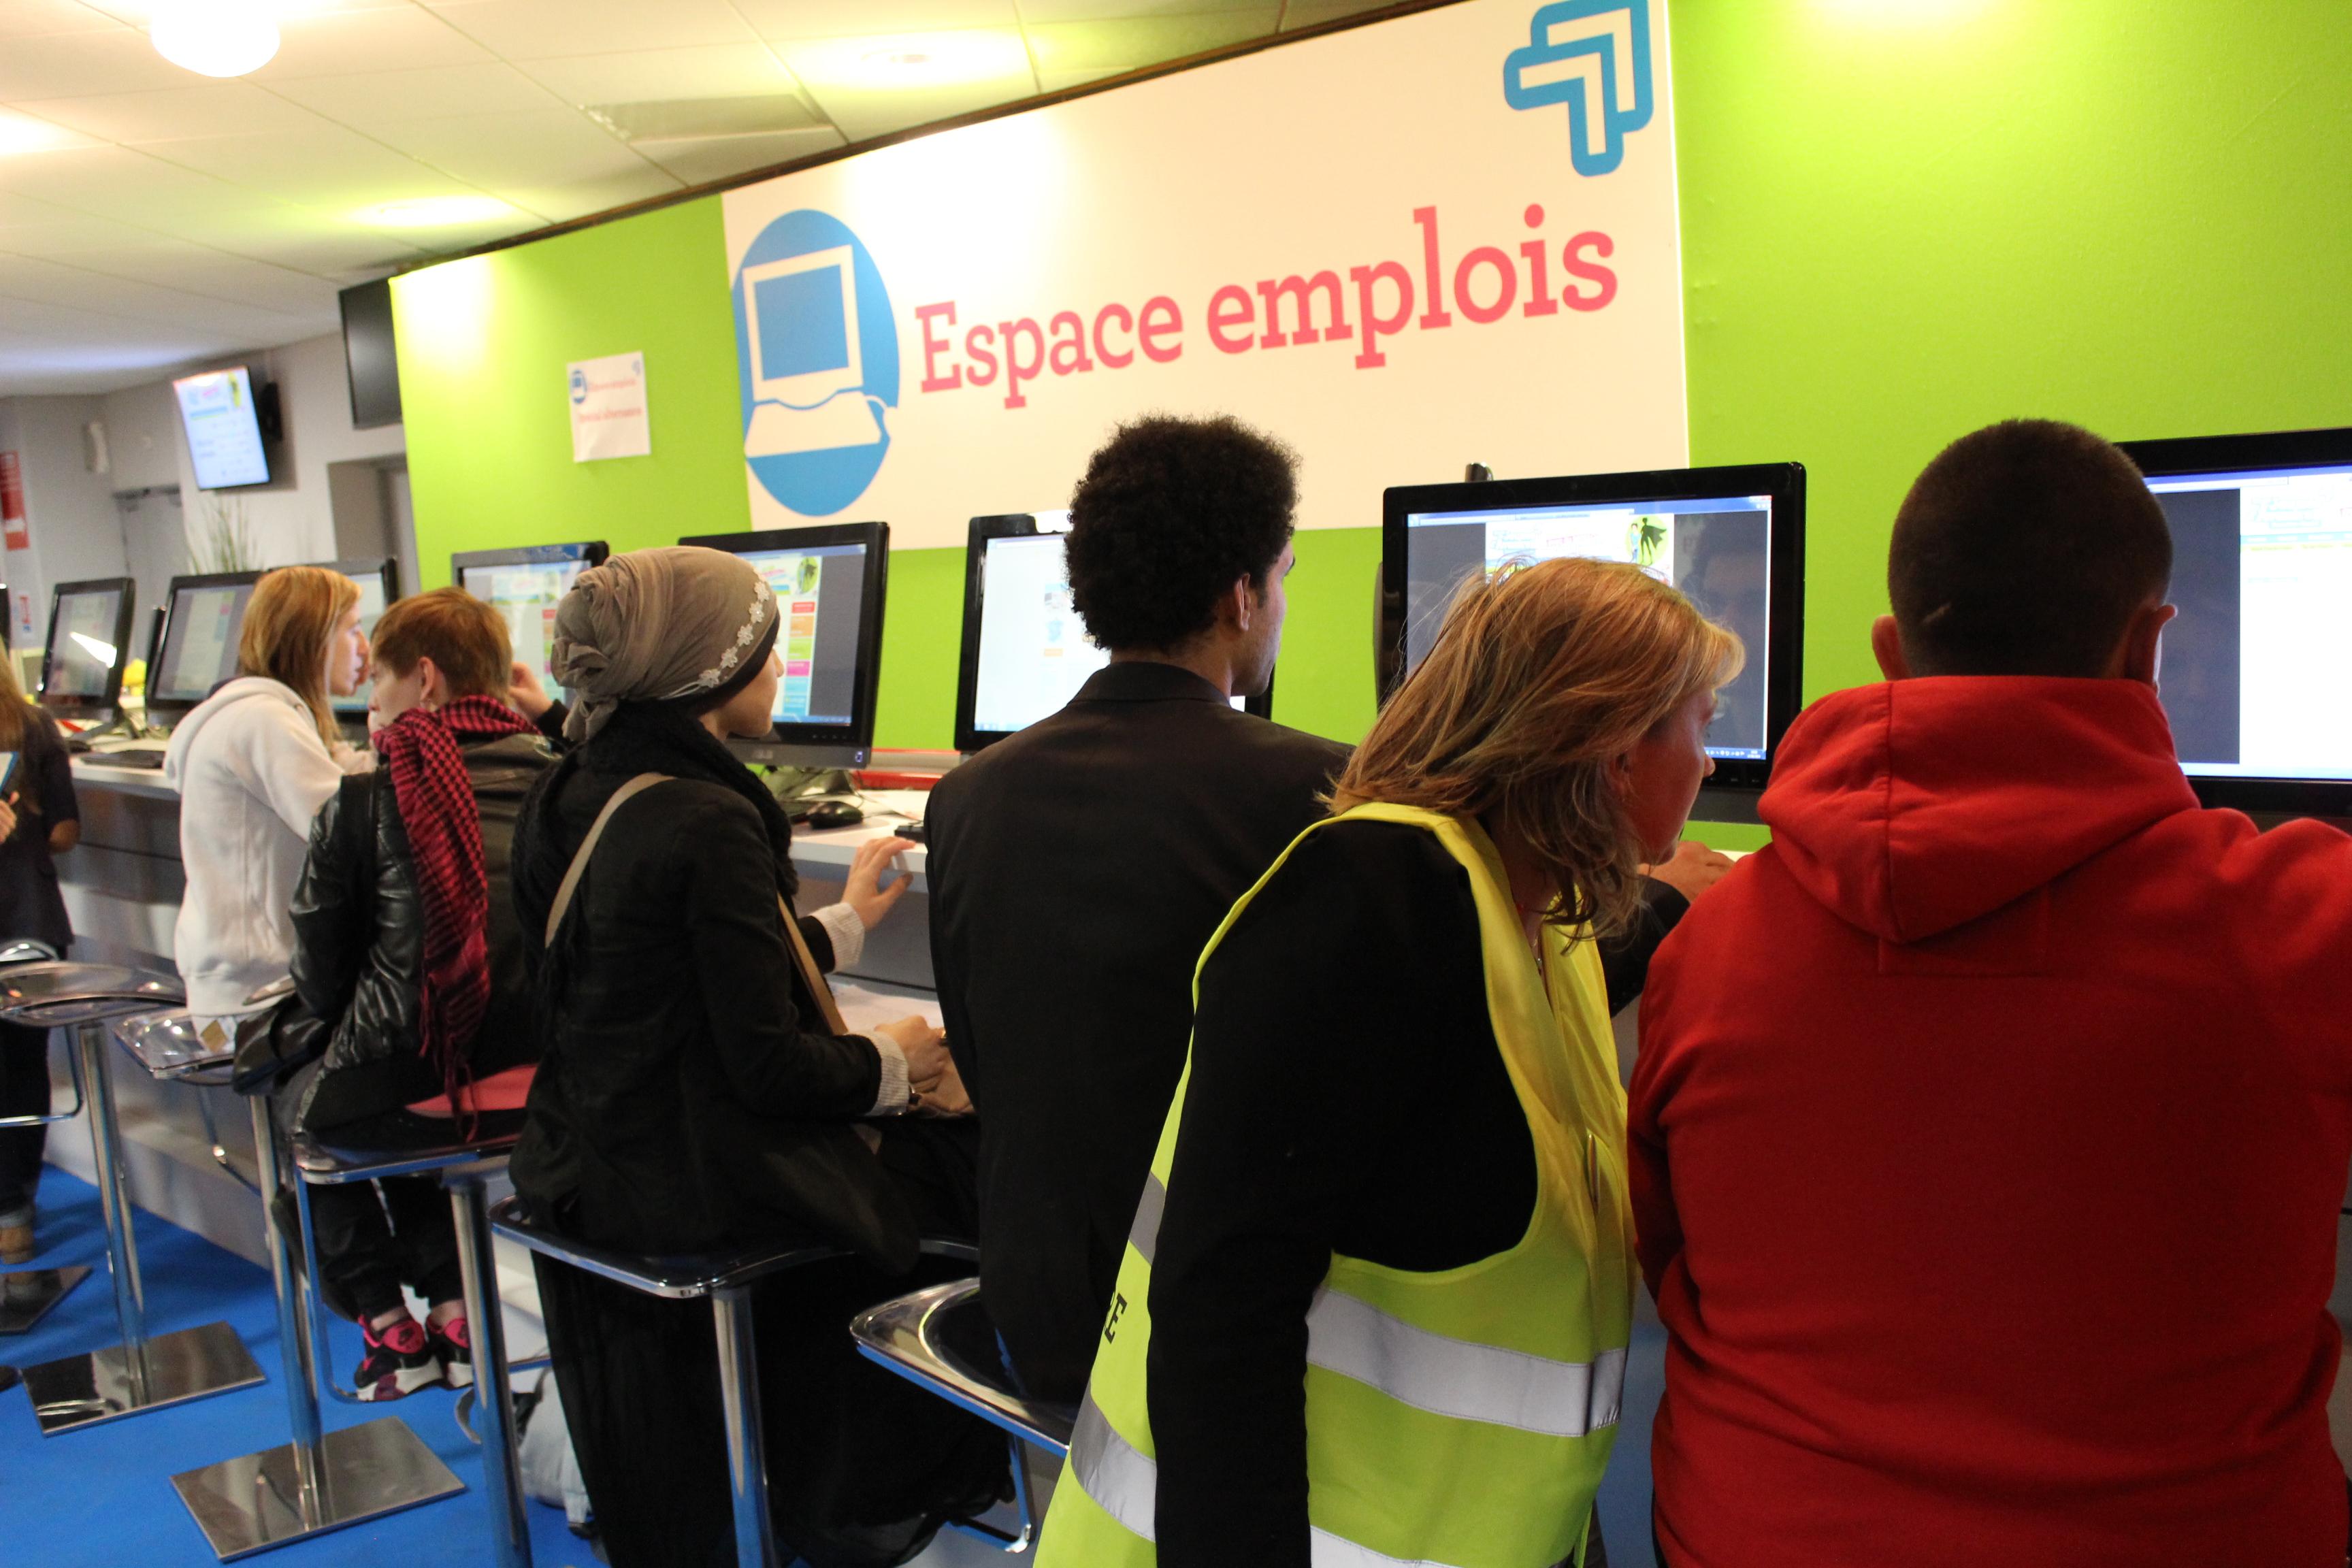 Espace emploi npdc 2 salon jeunes d 39 avenirs for Emploi espace